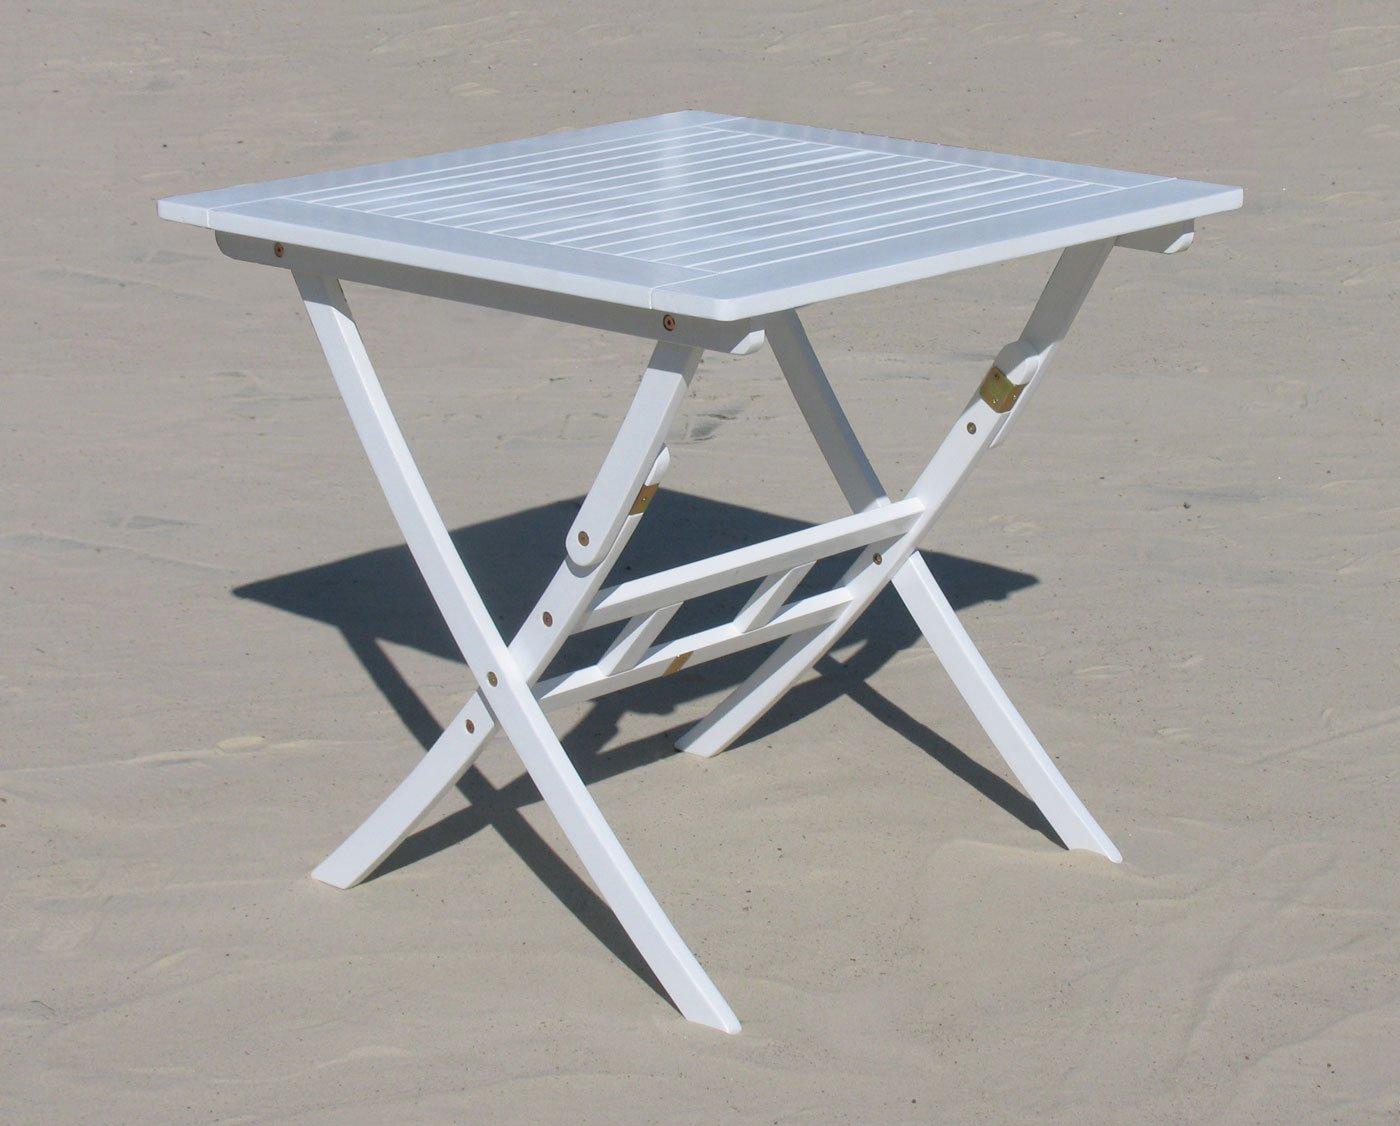 Gartenklapptisch 80x80cm Klapptisch Tisch Santos Weiss